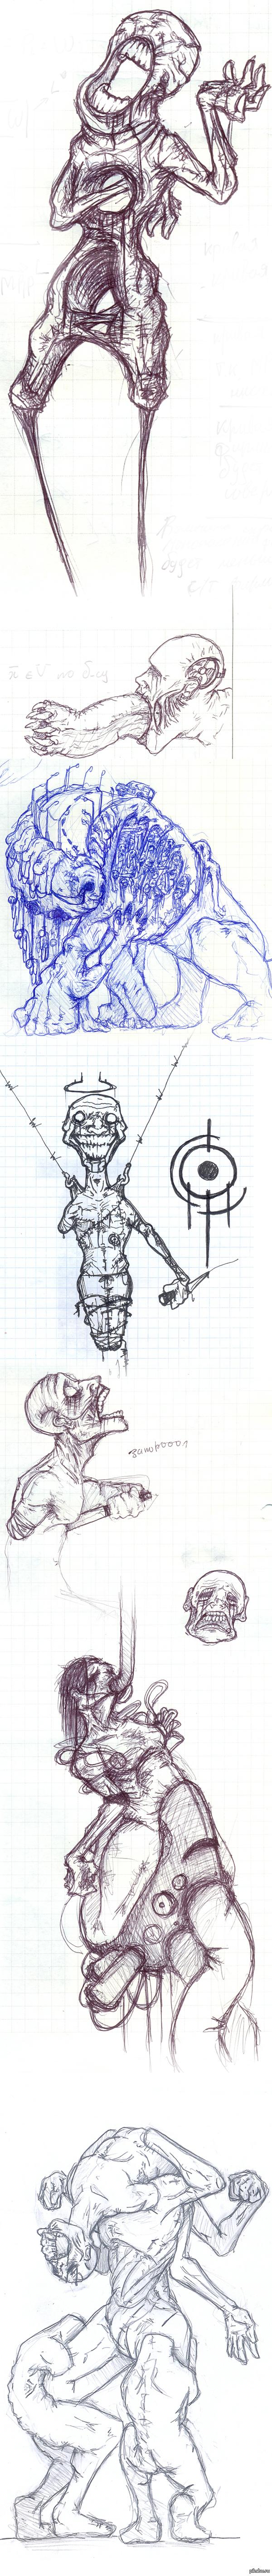 Всё те же образы из моей головы (длиннопост) Последний - единственный, нарисованный не в тетради и карандашом. Наслаждайтесь, подписчики